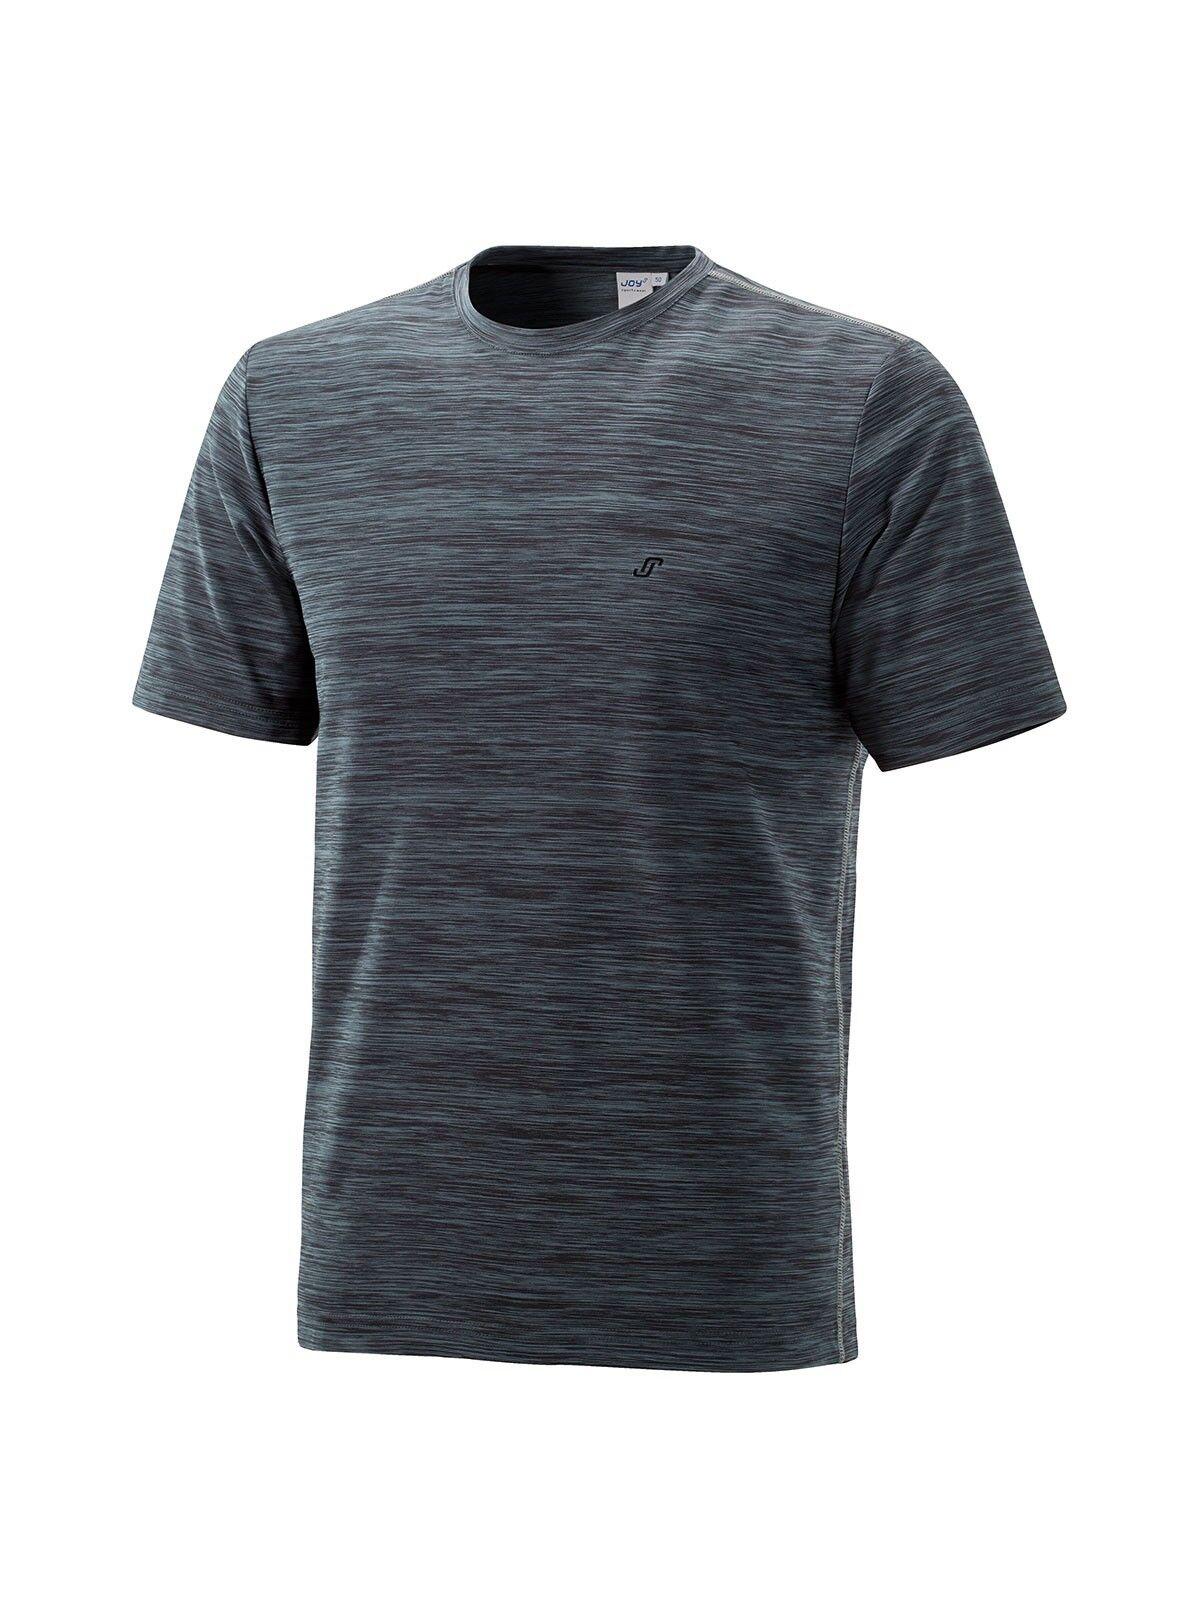 Joy - Herren Sport und Freizeit Shirt mit Rundhalsausschnitt, Vitus (40205)